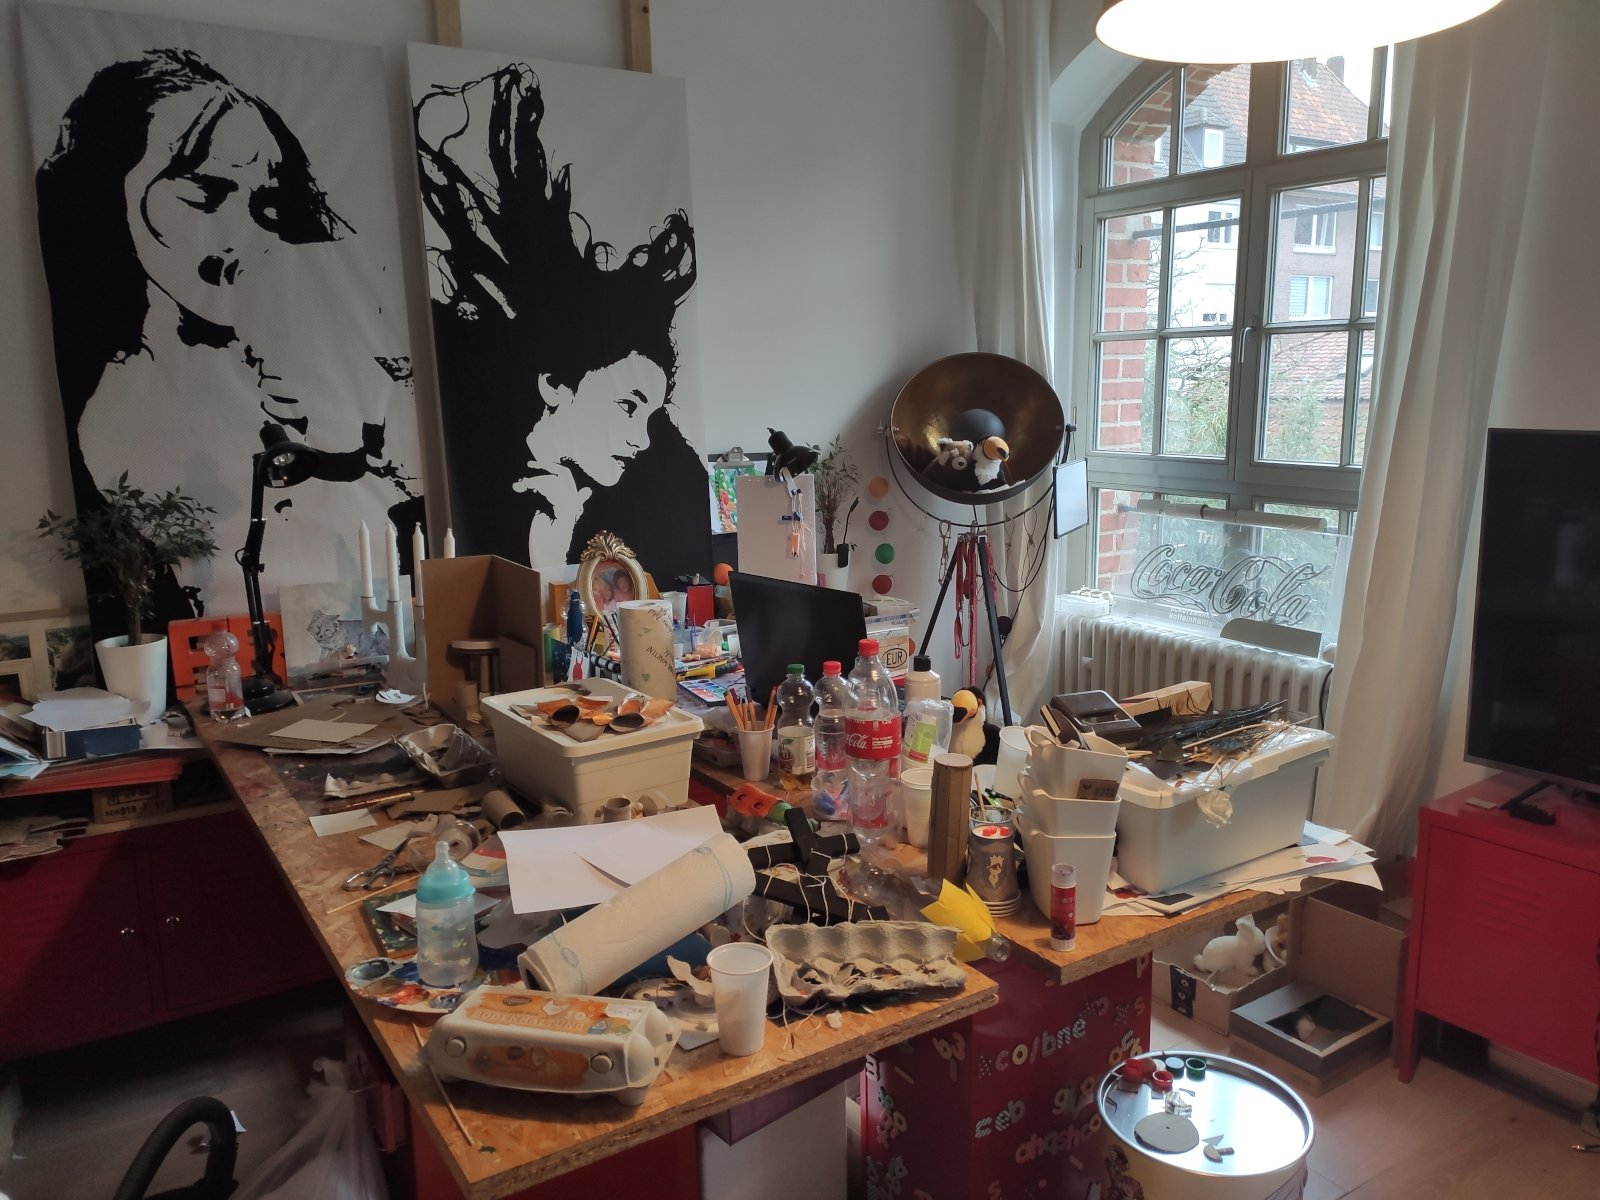 Büro im Homeoffice in Zeiten von Corona. (Bild: Ingo Stuckenbrock)